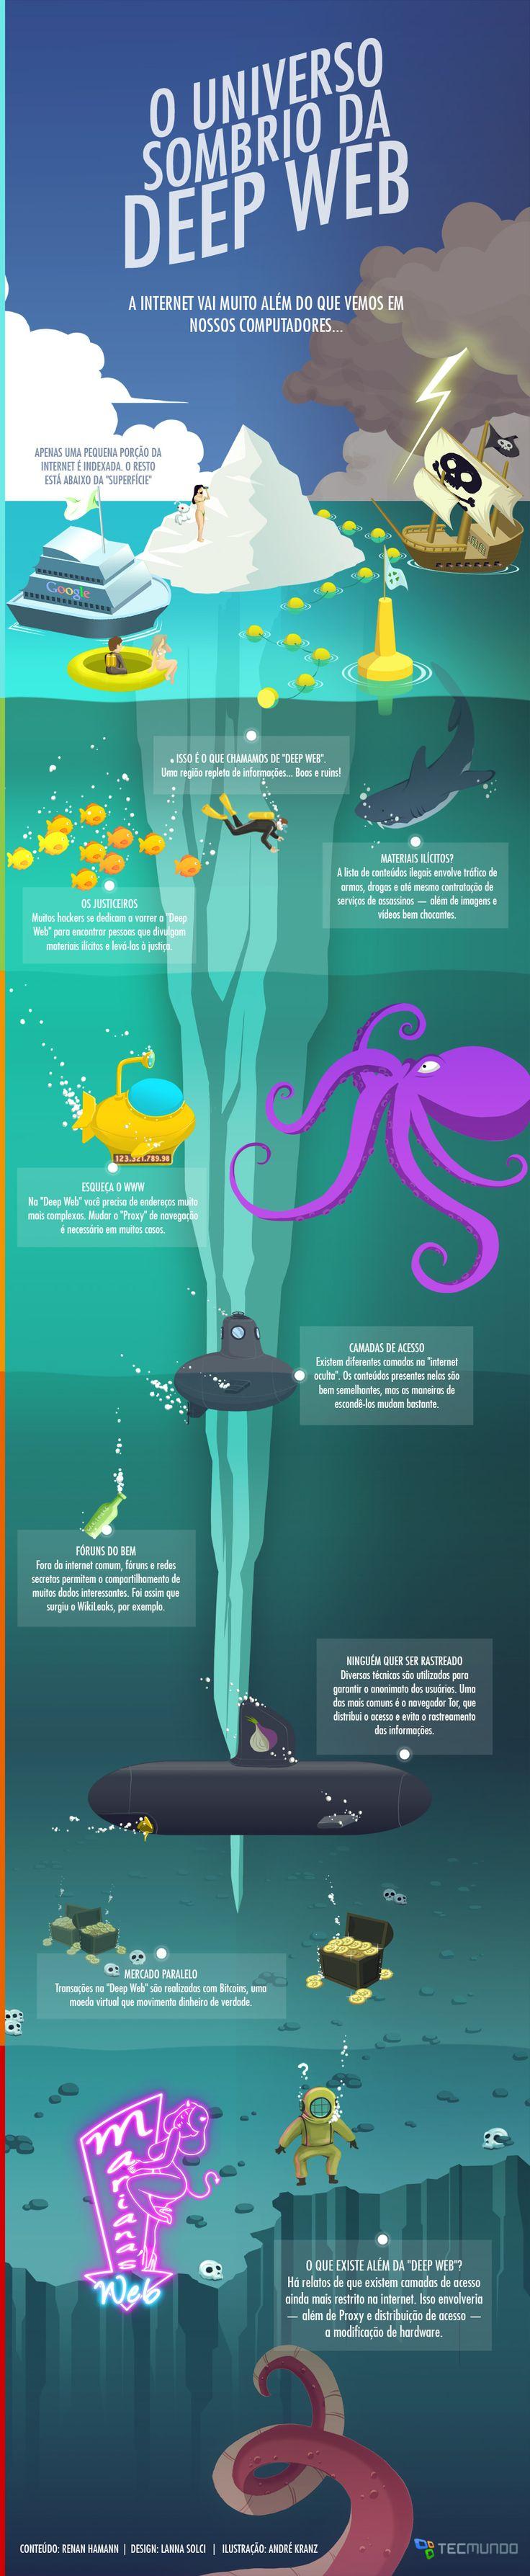 Deep Web, Infográfico - Blog do Robson dos Anjos